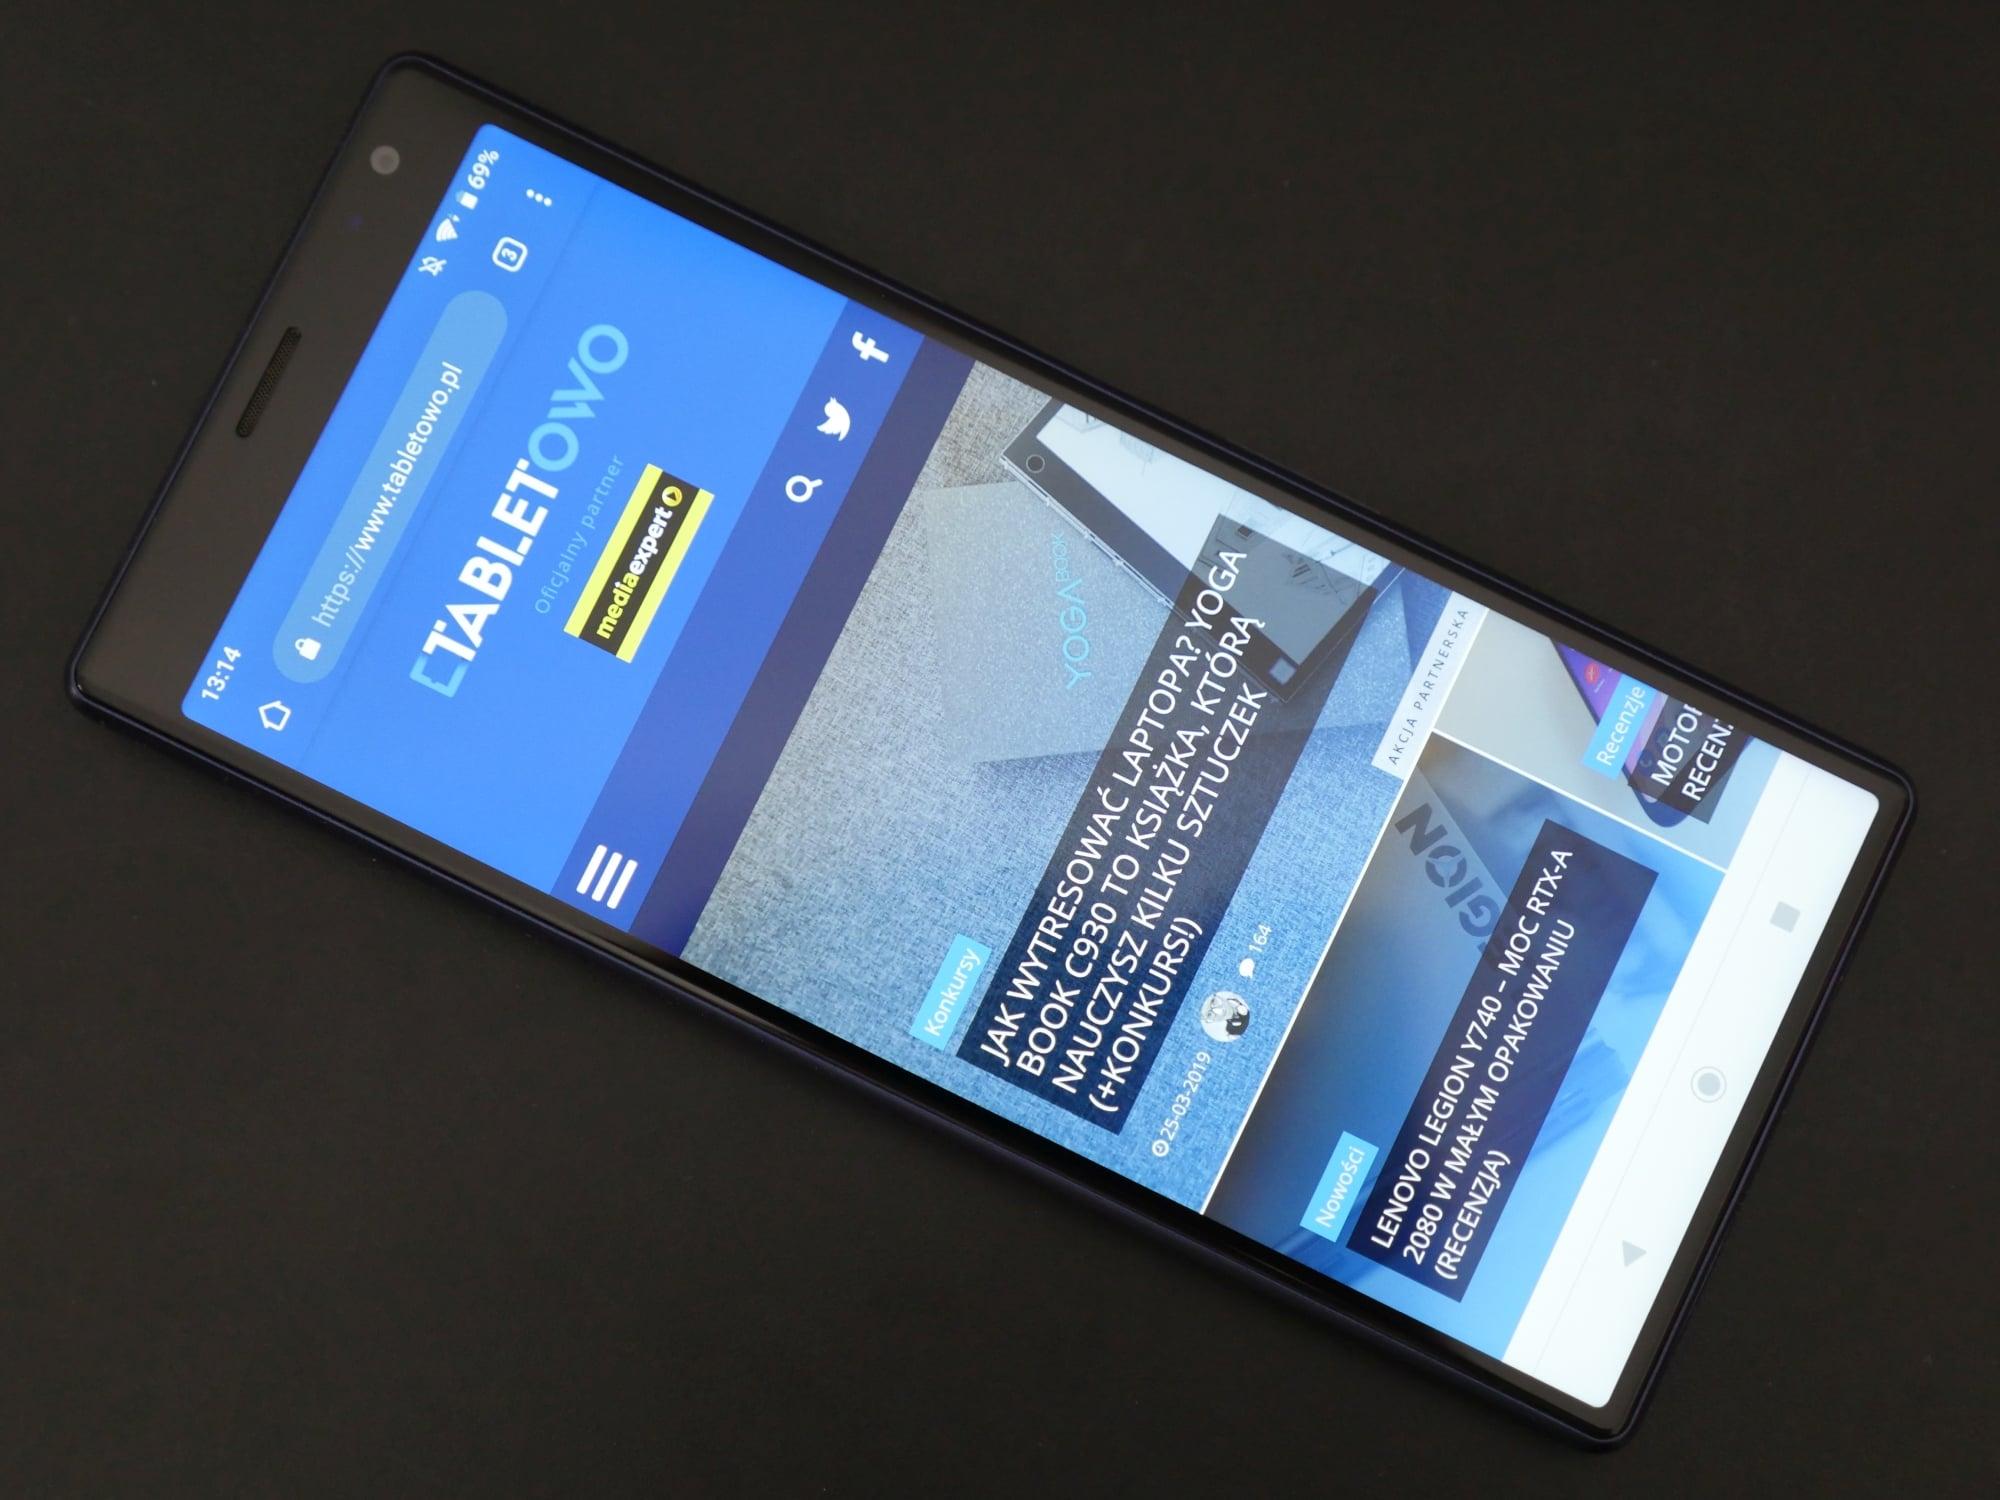 Sony Xperia 10 Plus - intrygujący i ciekawy smartfon z ekranem 21:9 dla pożeraczy multimediów (recenzja) 36